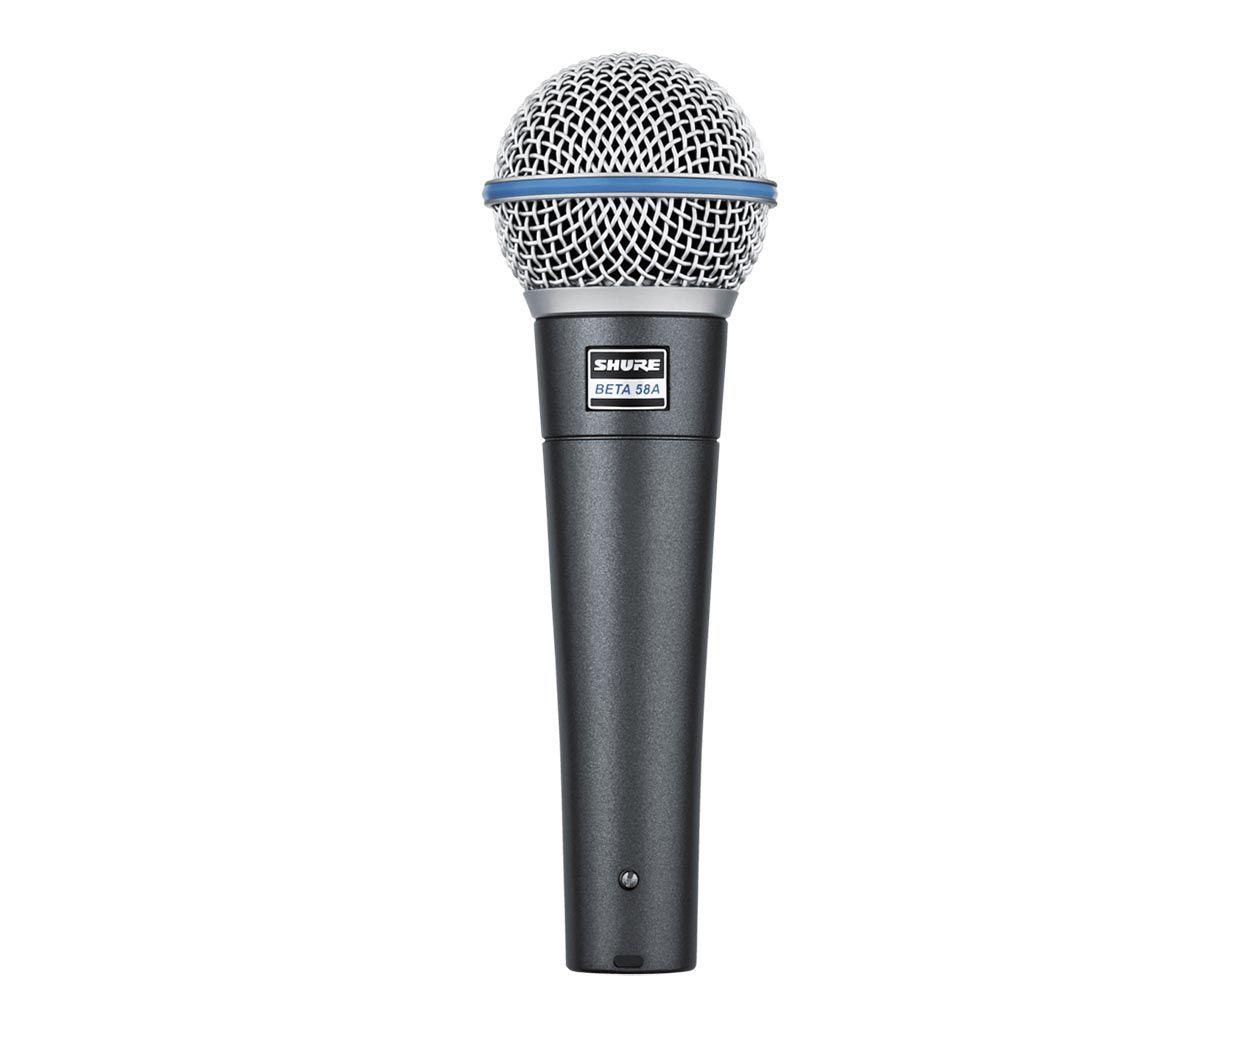 Microfone Shure BETA 58A - Supercardioide - Original - Made In Mexico